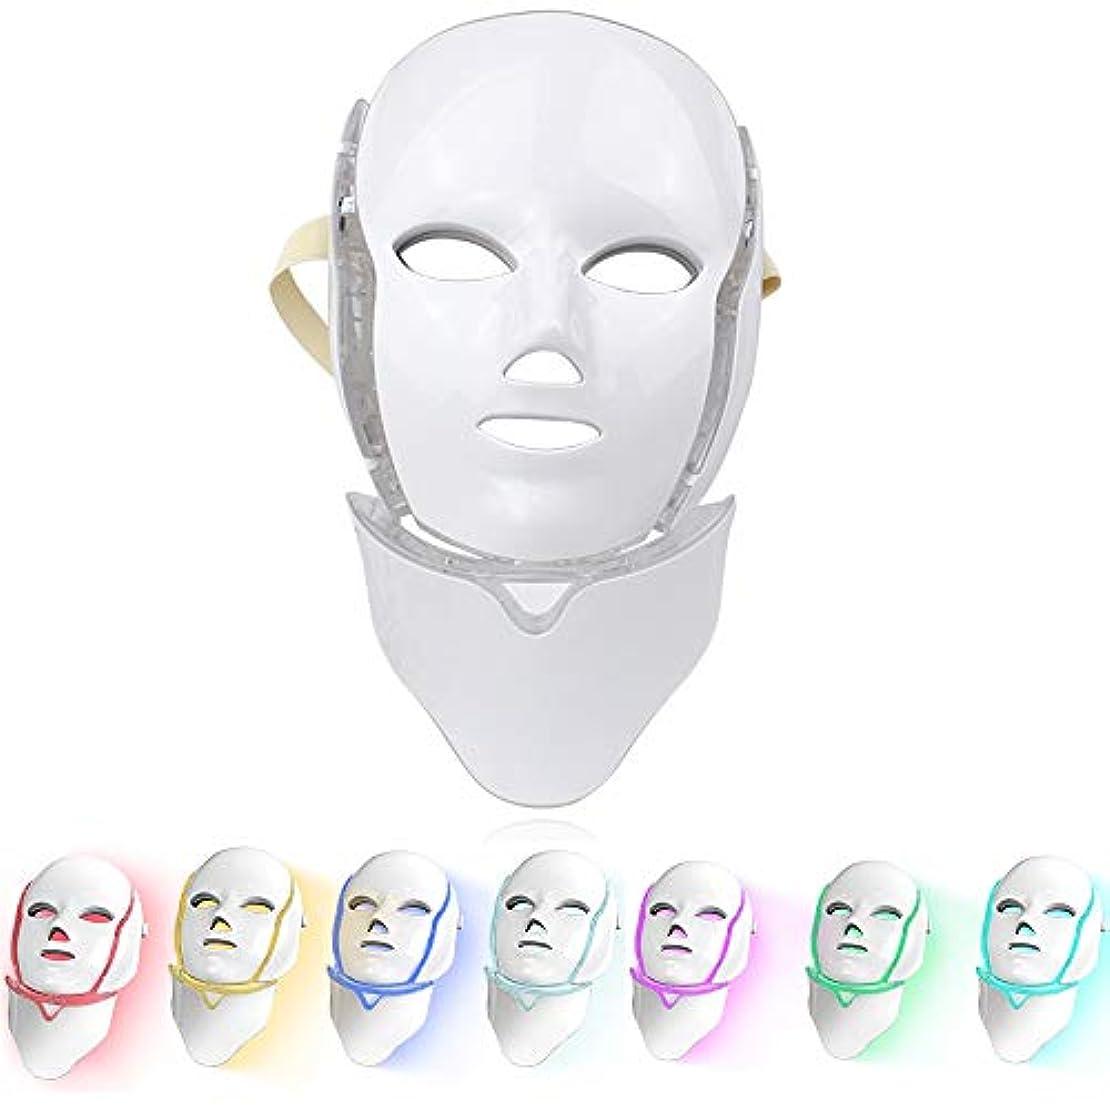 ありそう宅配便無限LED光線療法マスク(ネック付き)7色光線治療スキンケア美容光線療法アンチエイジングアクネリンクルマスク